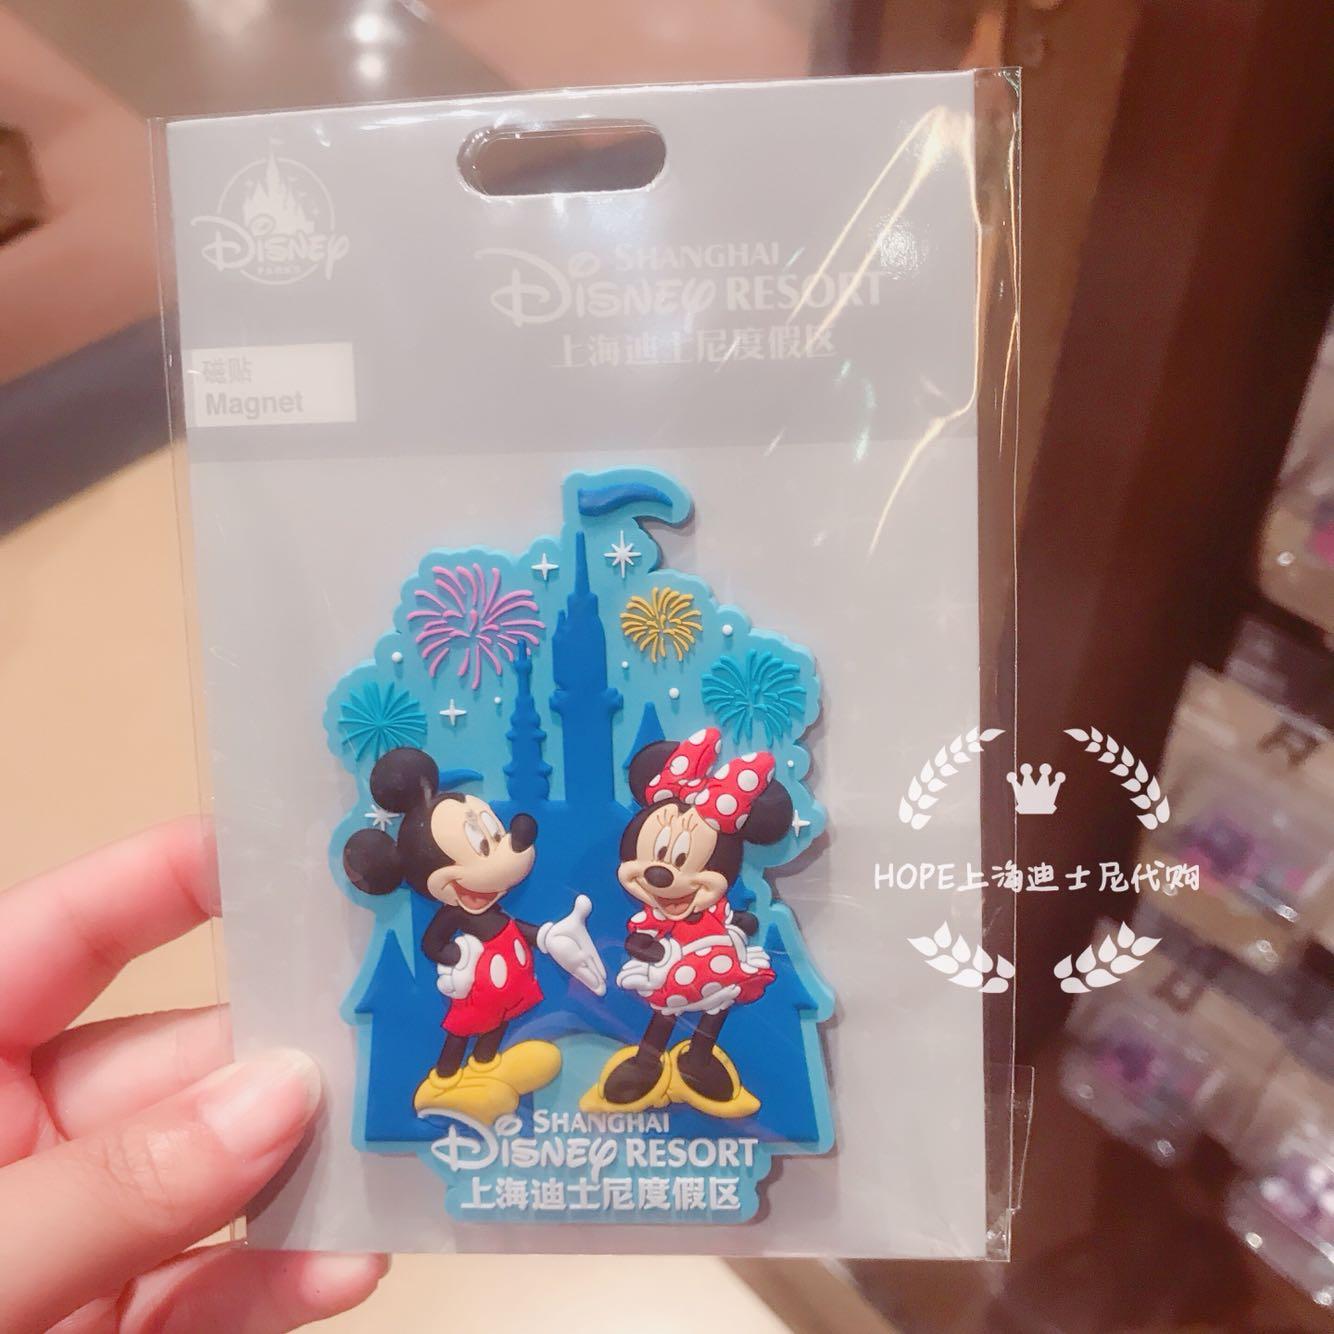 上海迪士尼代購樂園紀念磁貼米奇和好朋友米奇米妮硅膠冰箱貼